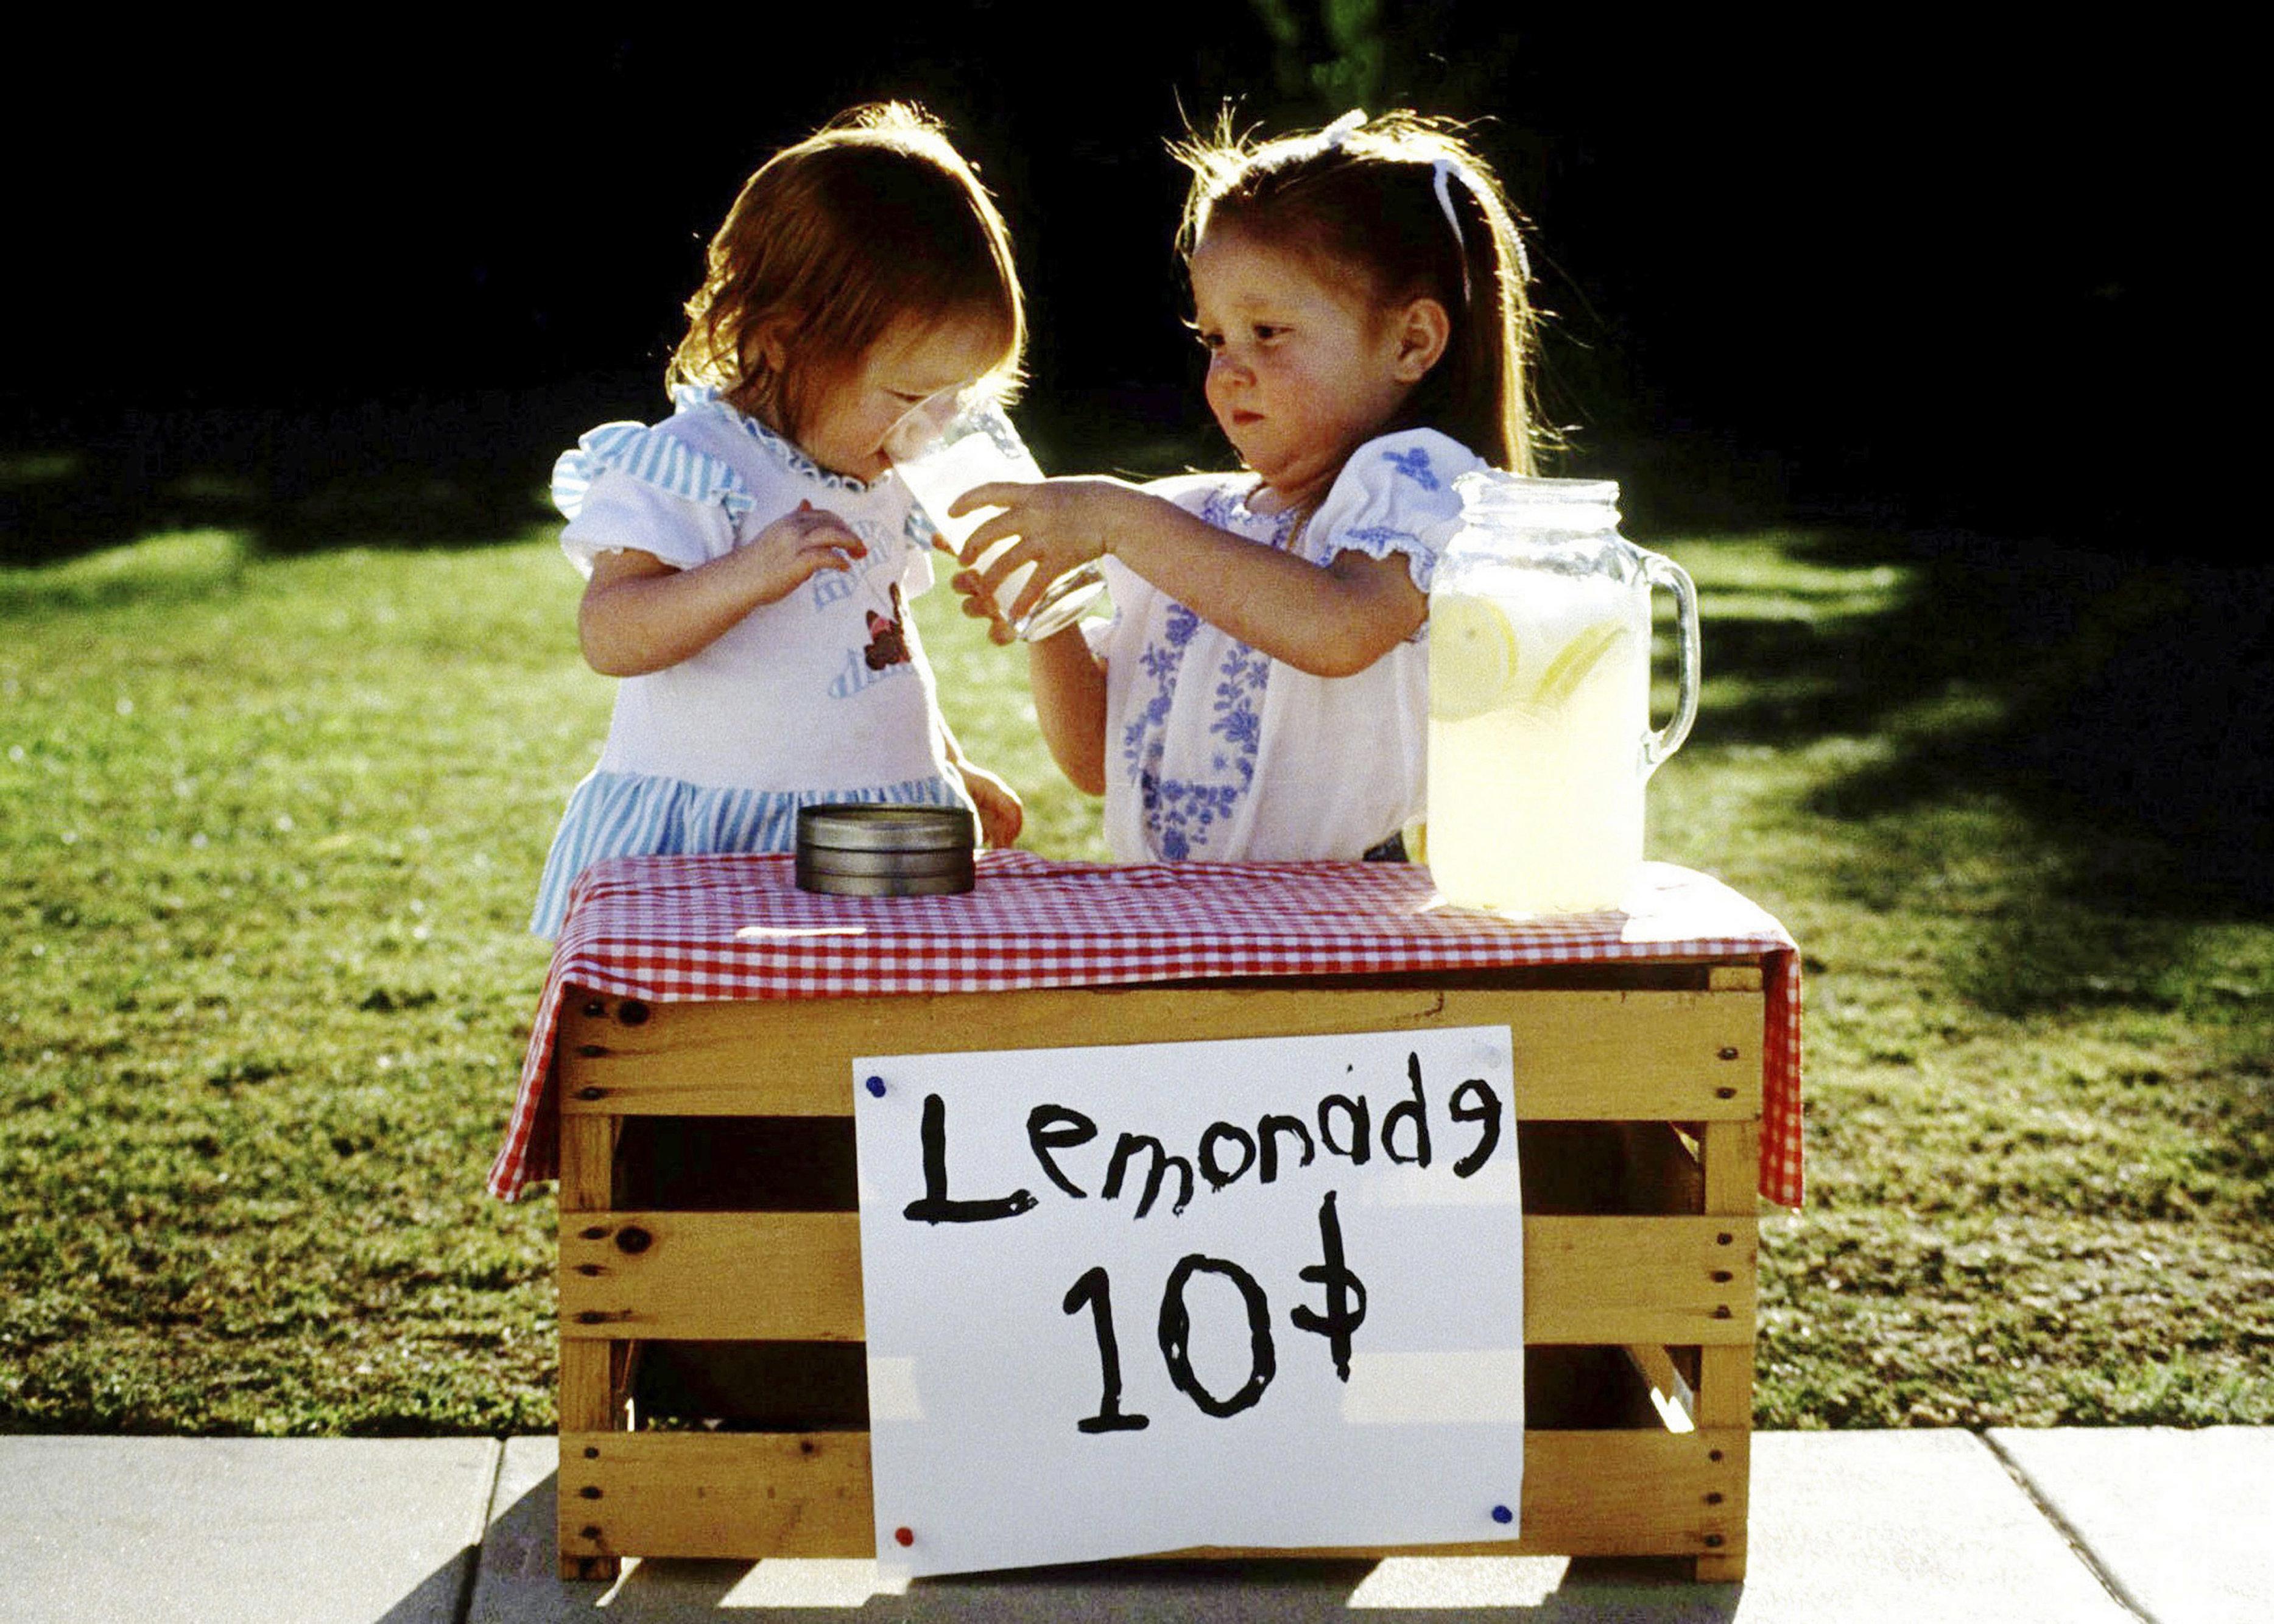 Two girls at running lemonade stand